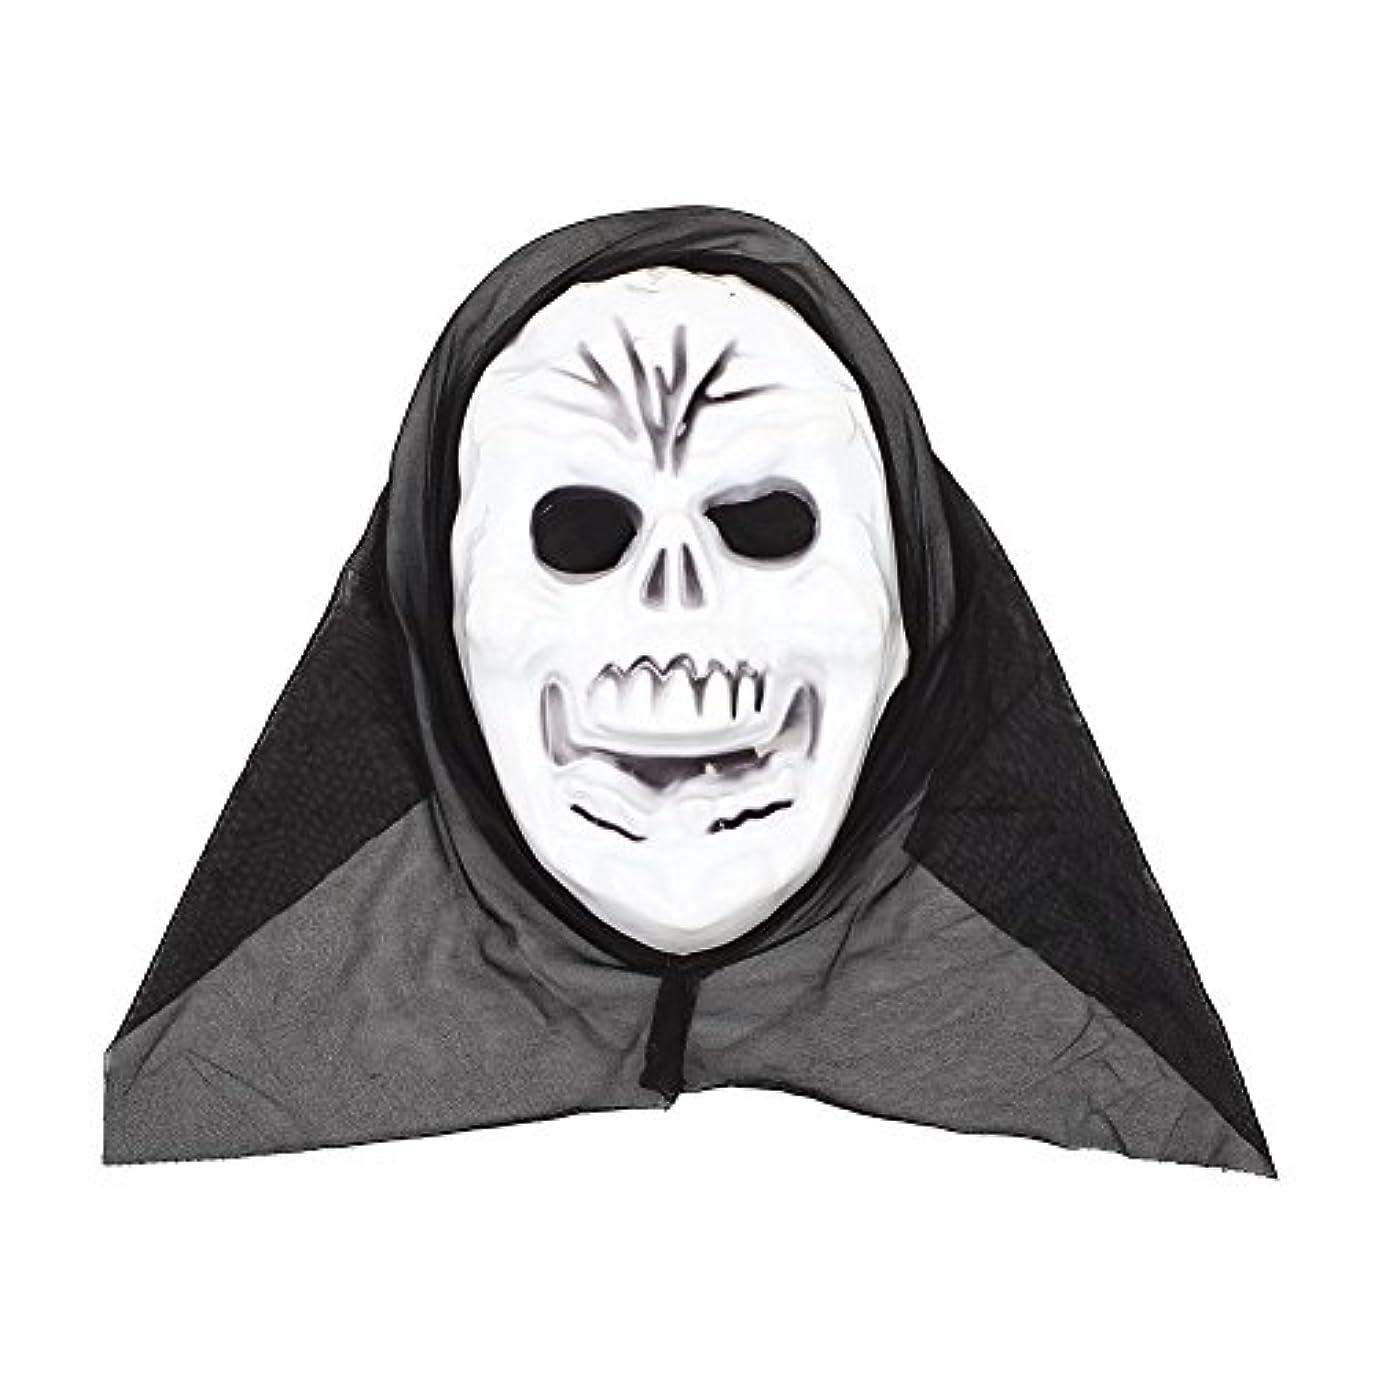 弱点コーヒー独創的Auntwhale ハロウィンマスク大人恐怖コスチューム、スクリームファンシーマスカレードパーティーハロウィンマスク、フェスティバル通気性ギフトヘッドマスク